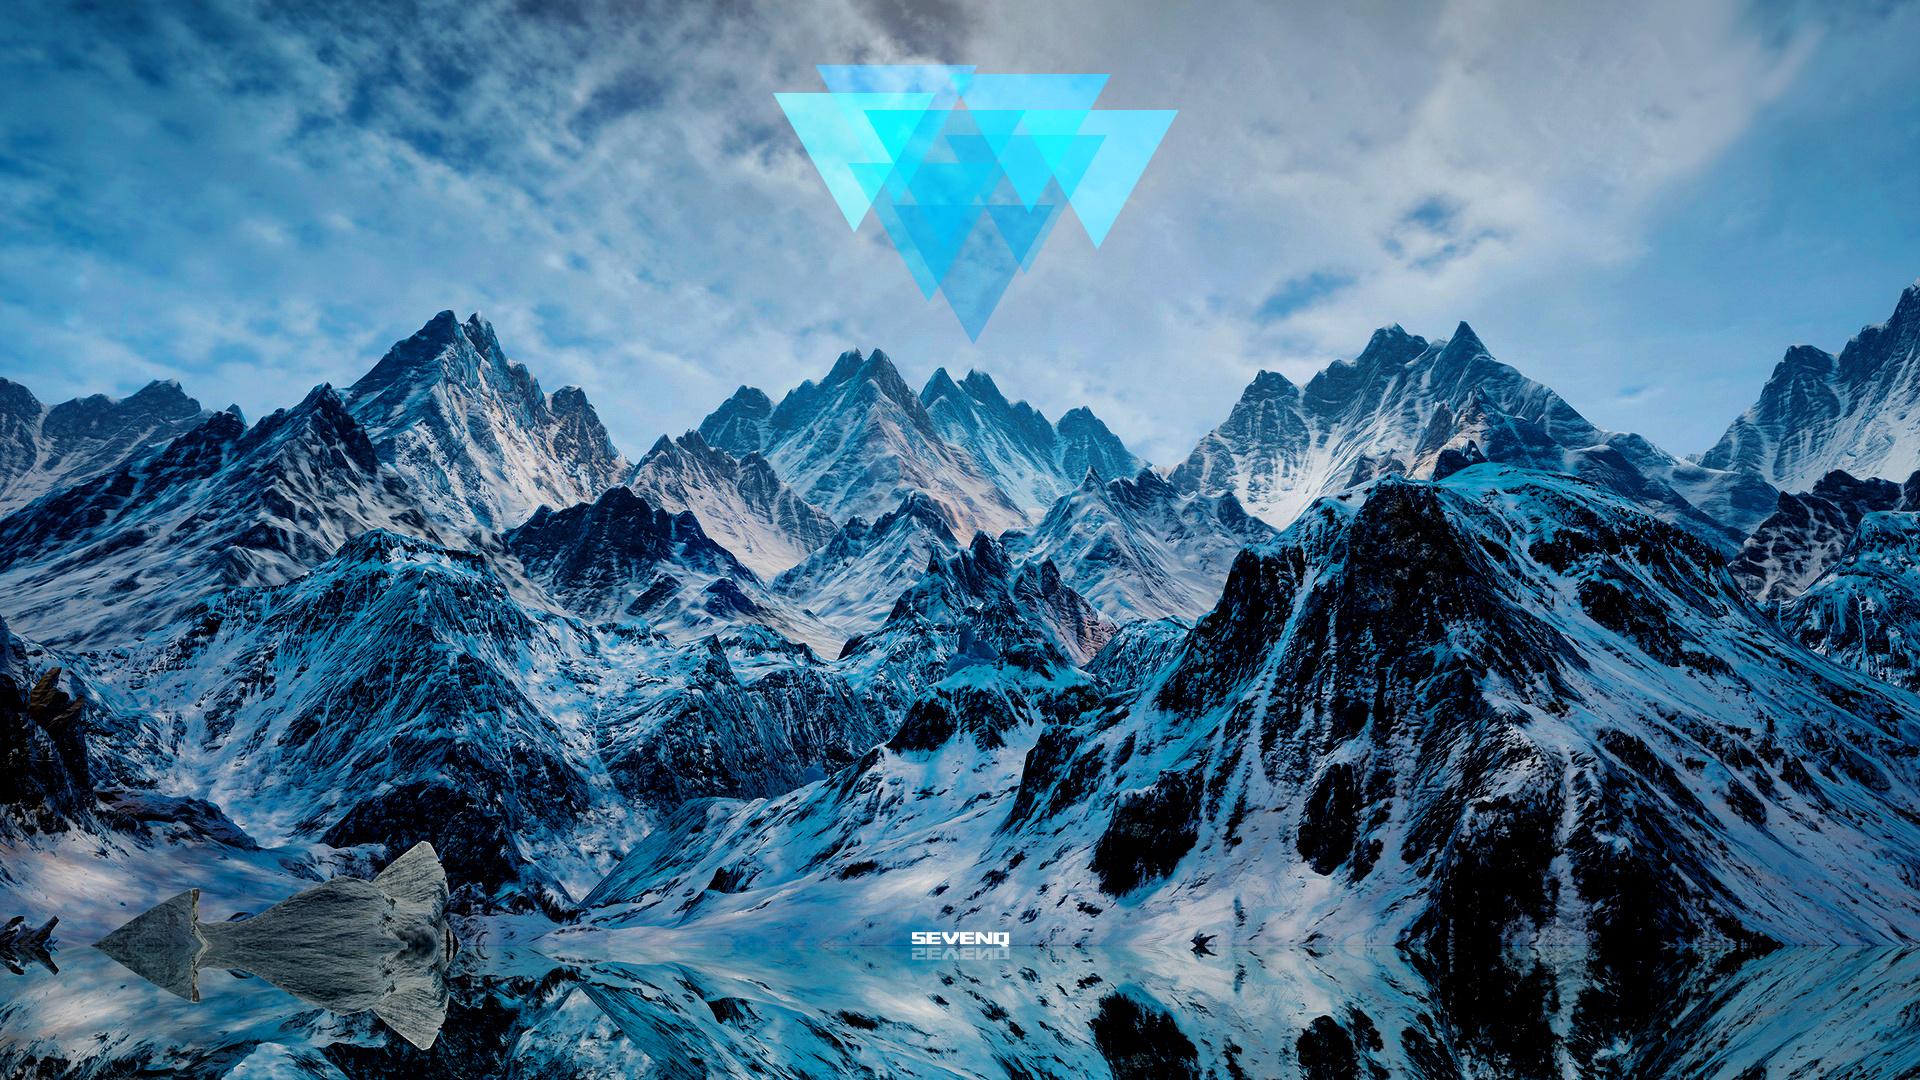 雪山(桌面壁纸1920x1080分辨率)图片